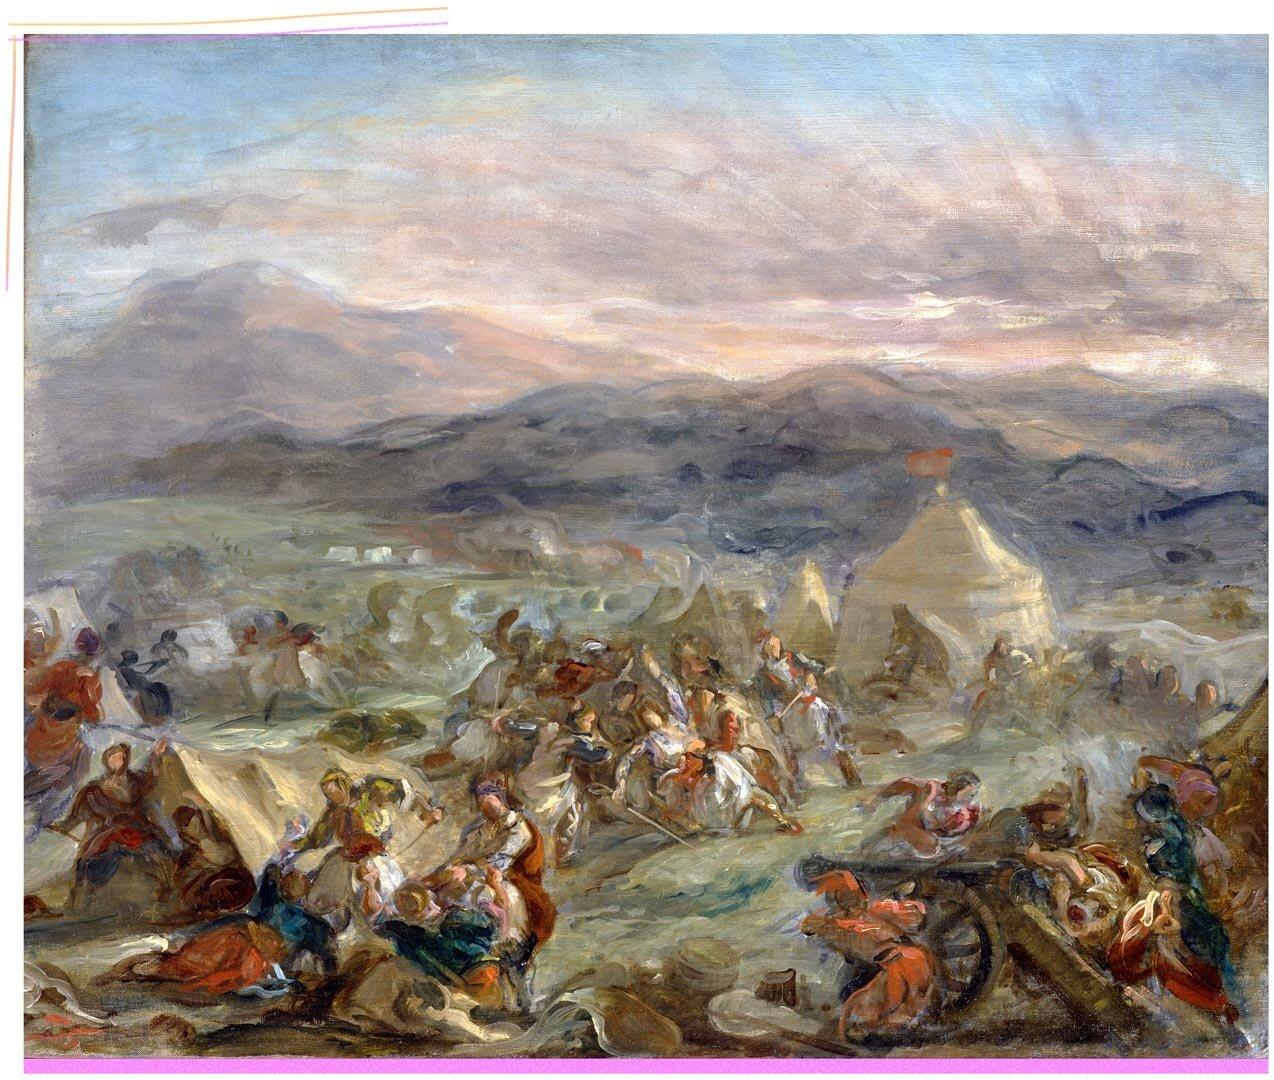 Ο Μπότσαρης αιφνιδιάζει το στρατόπεδο των Τούρκων και πληγώνεται θανάσιμα, του Eugène Delacroix, 1860-1862 - πηγή: Wikimedia Commons